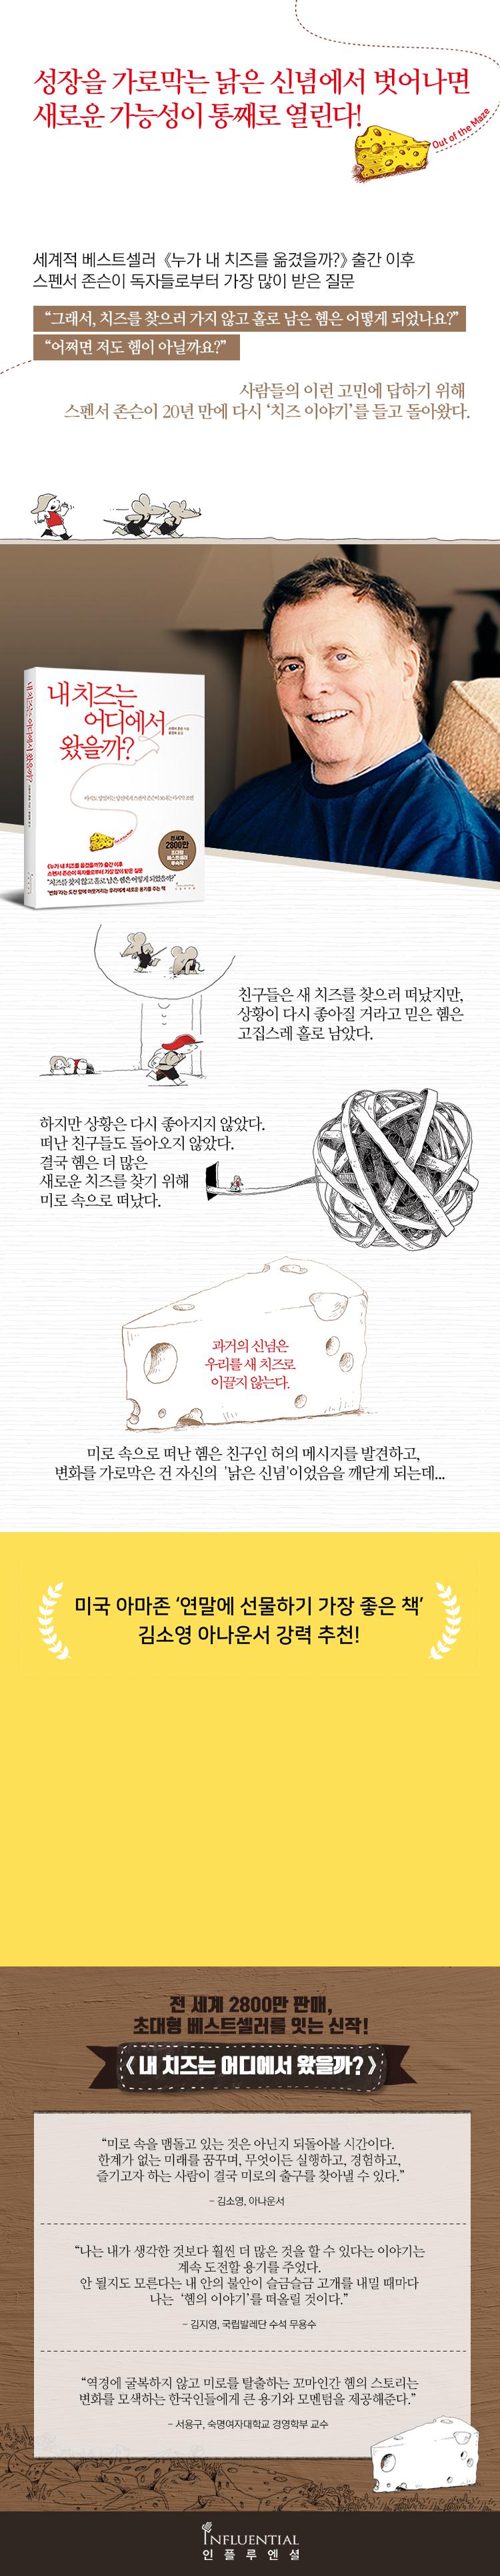 치즈_상세_동영상포함.png